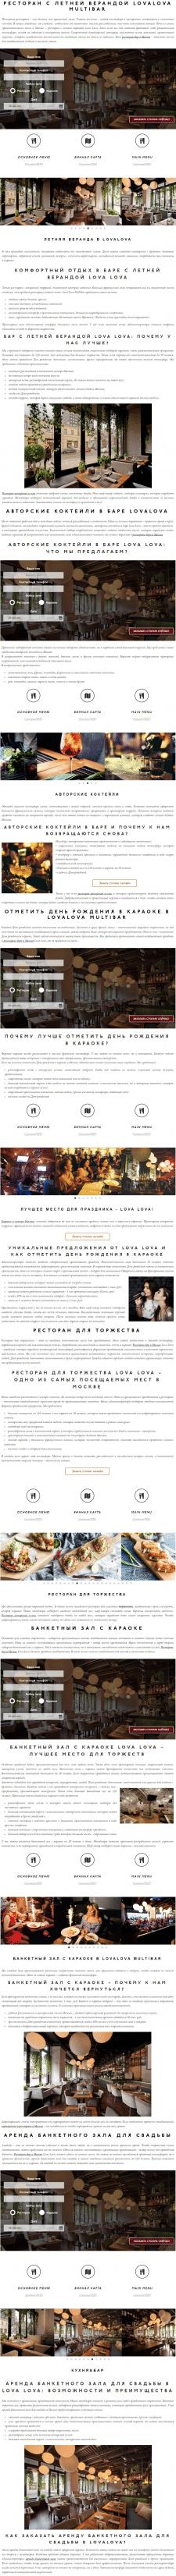 HORECA | Ресторан Lova Lova